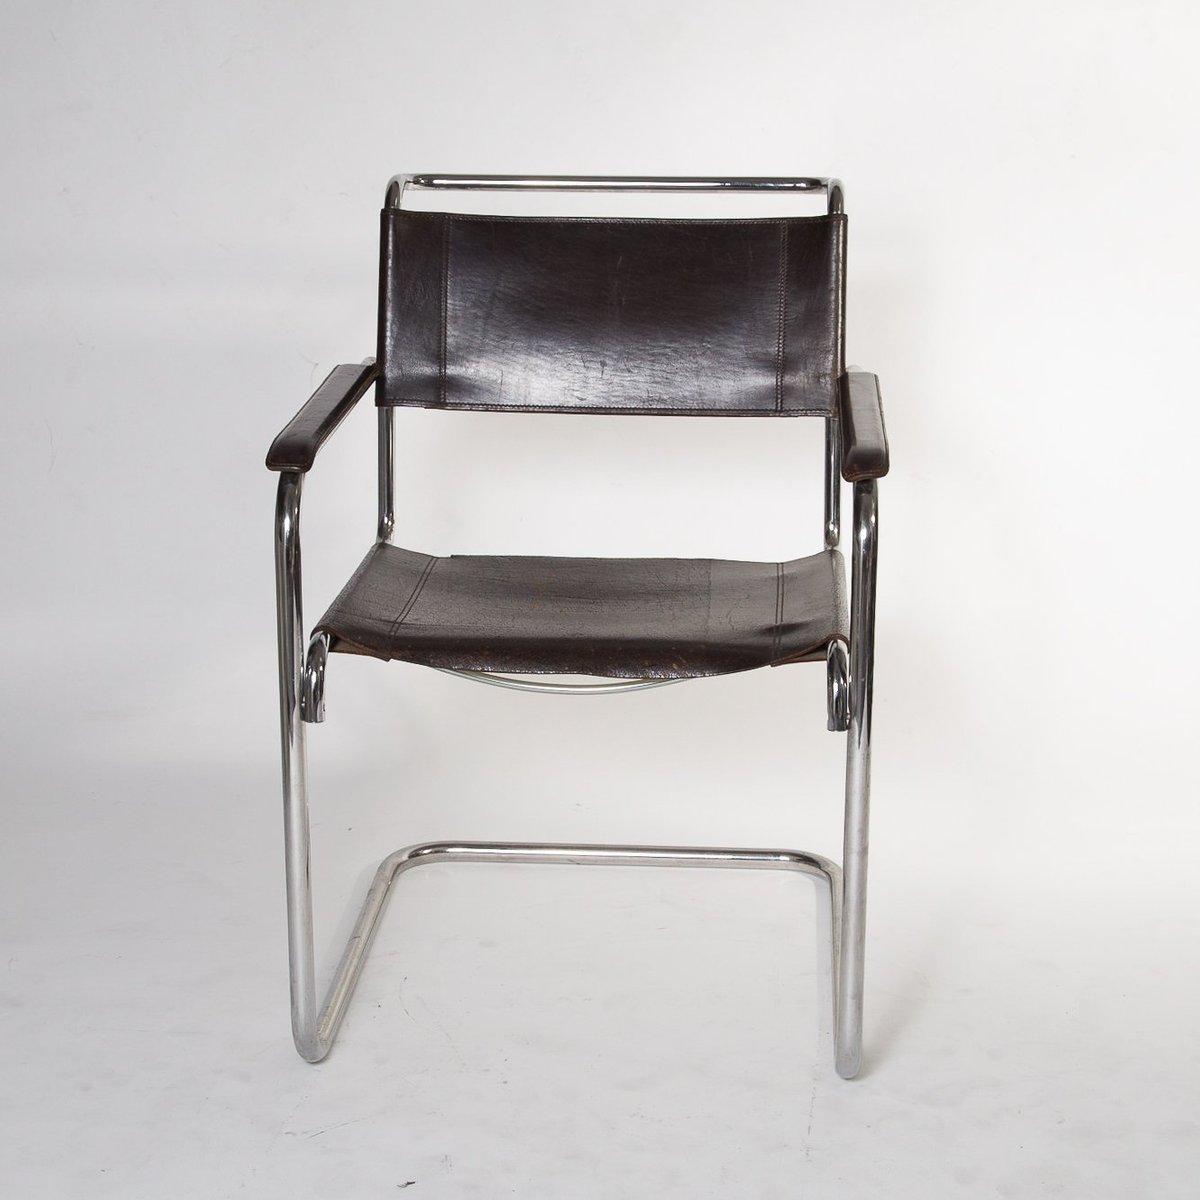 bauhaus s34 freischwinger von mart stam f r thonet 1985 bei pamono kaufen. Black Bedroom Furniture Sets. Home Design Ideas